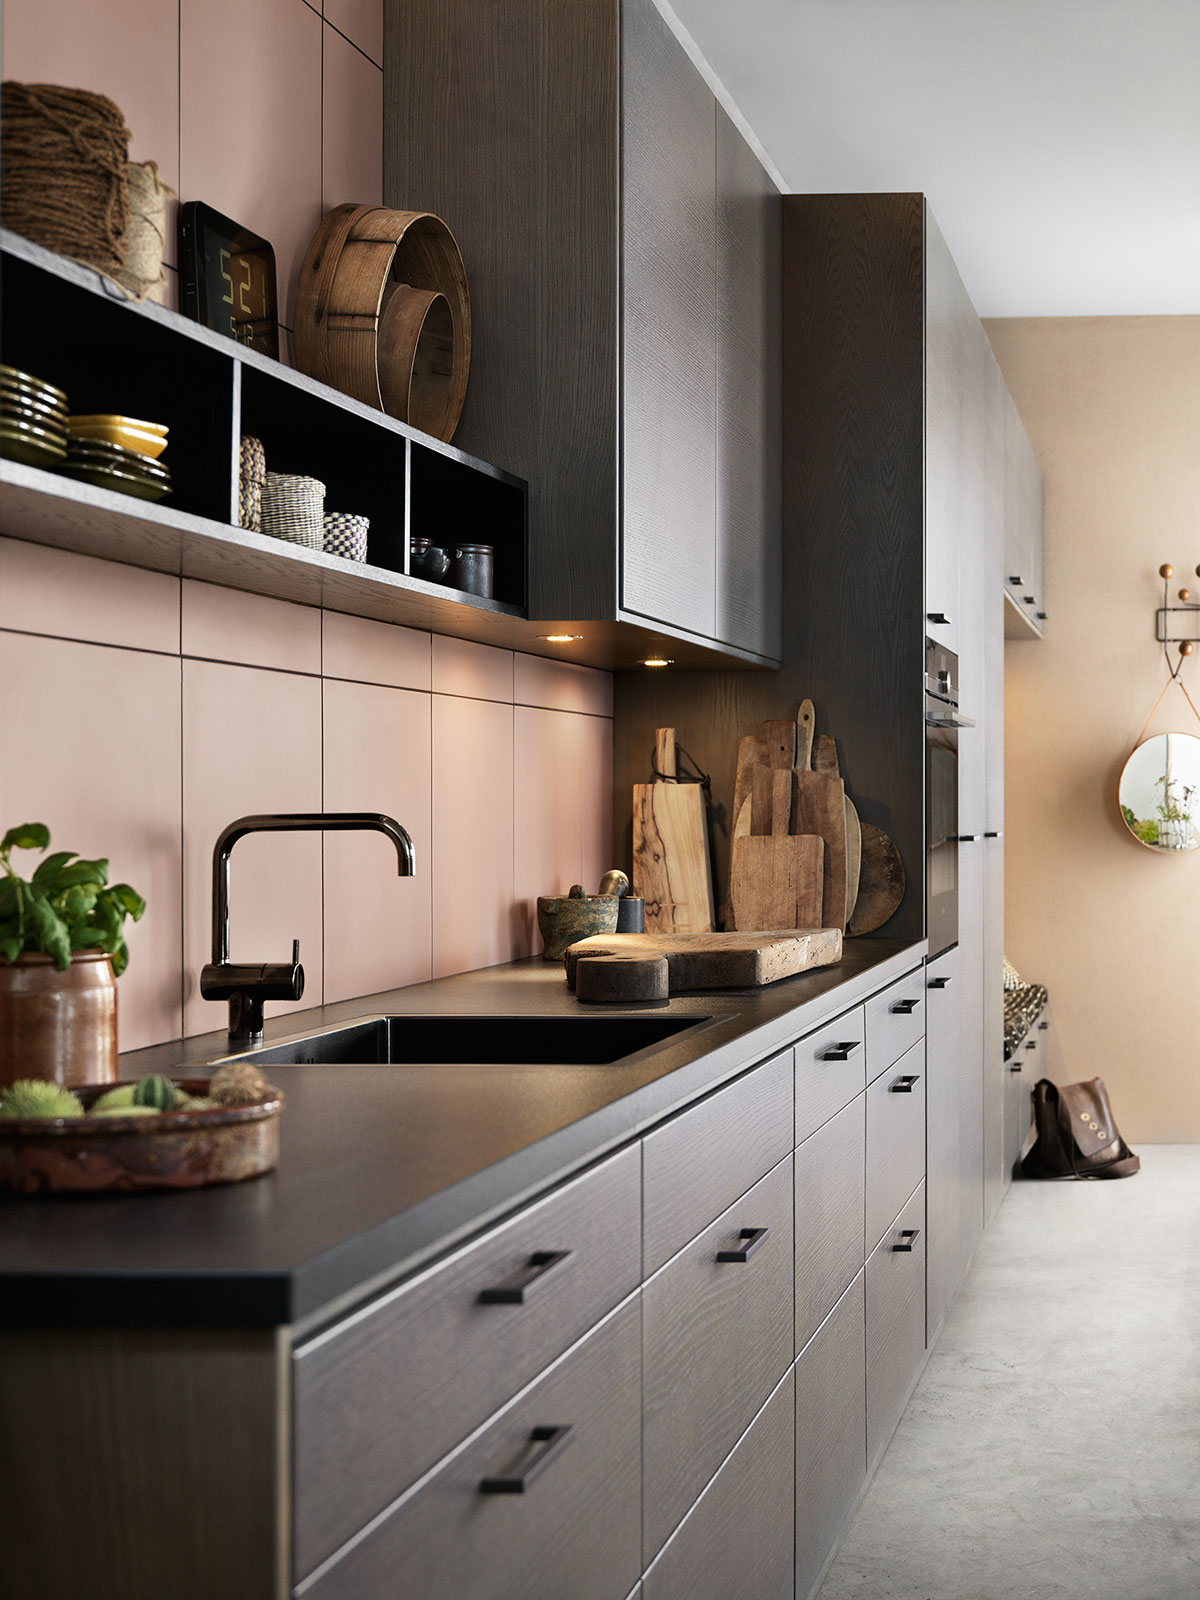 Svart og grå kjøkkeninnredning i åpen kjøkkenløsning